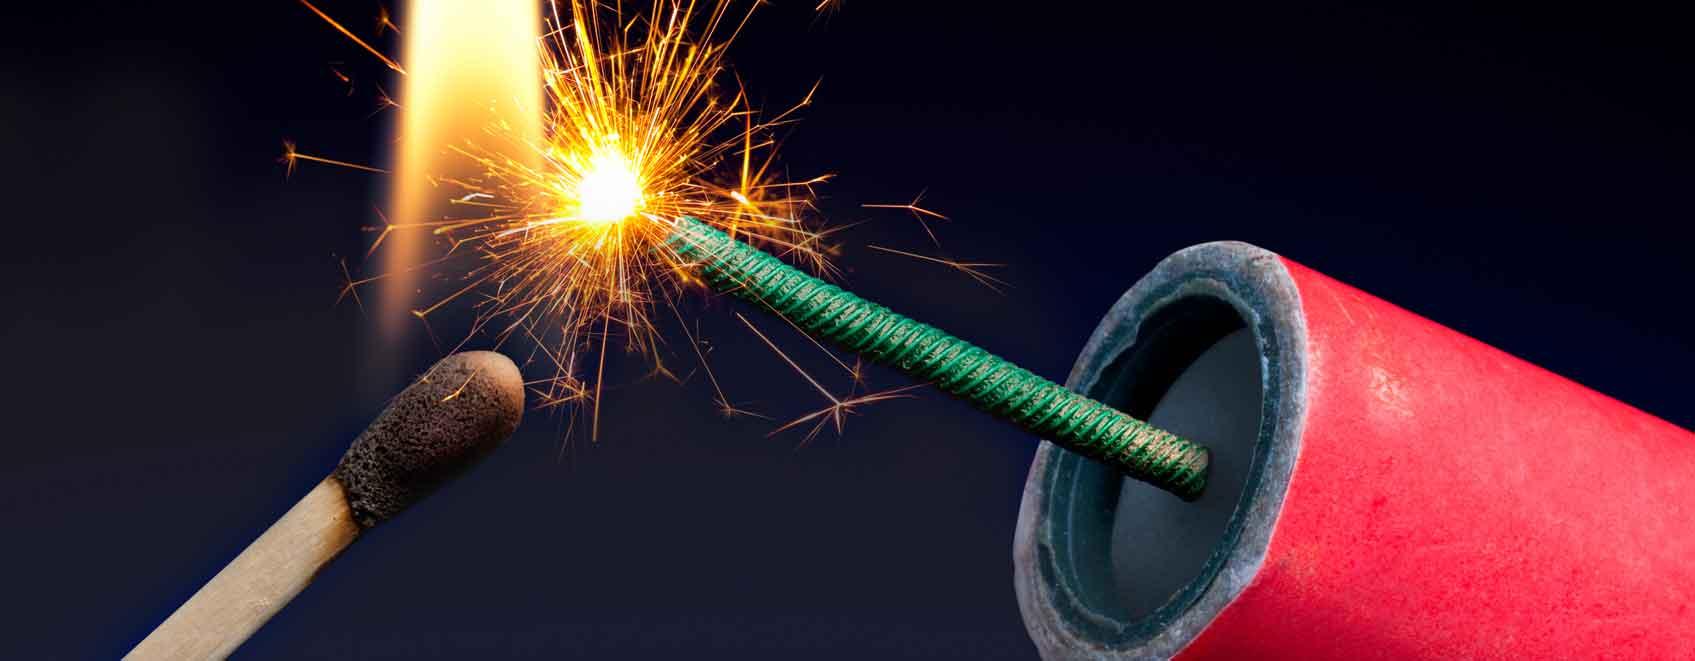 Firecracker being lit by match up close.